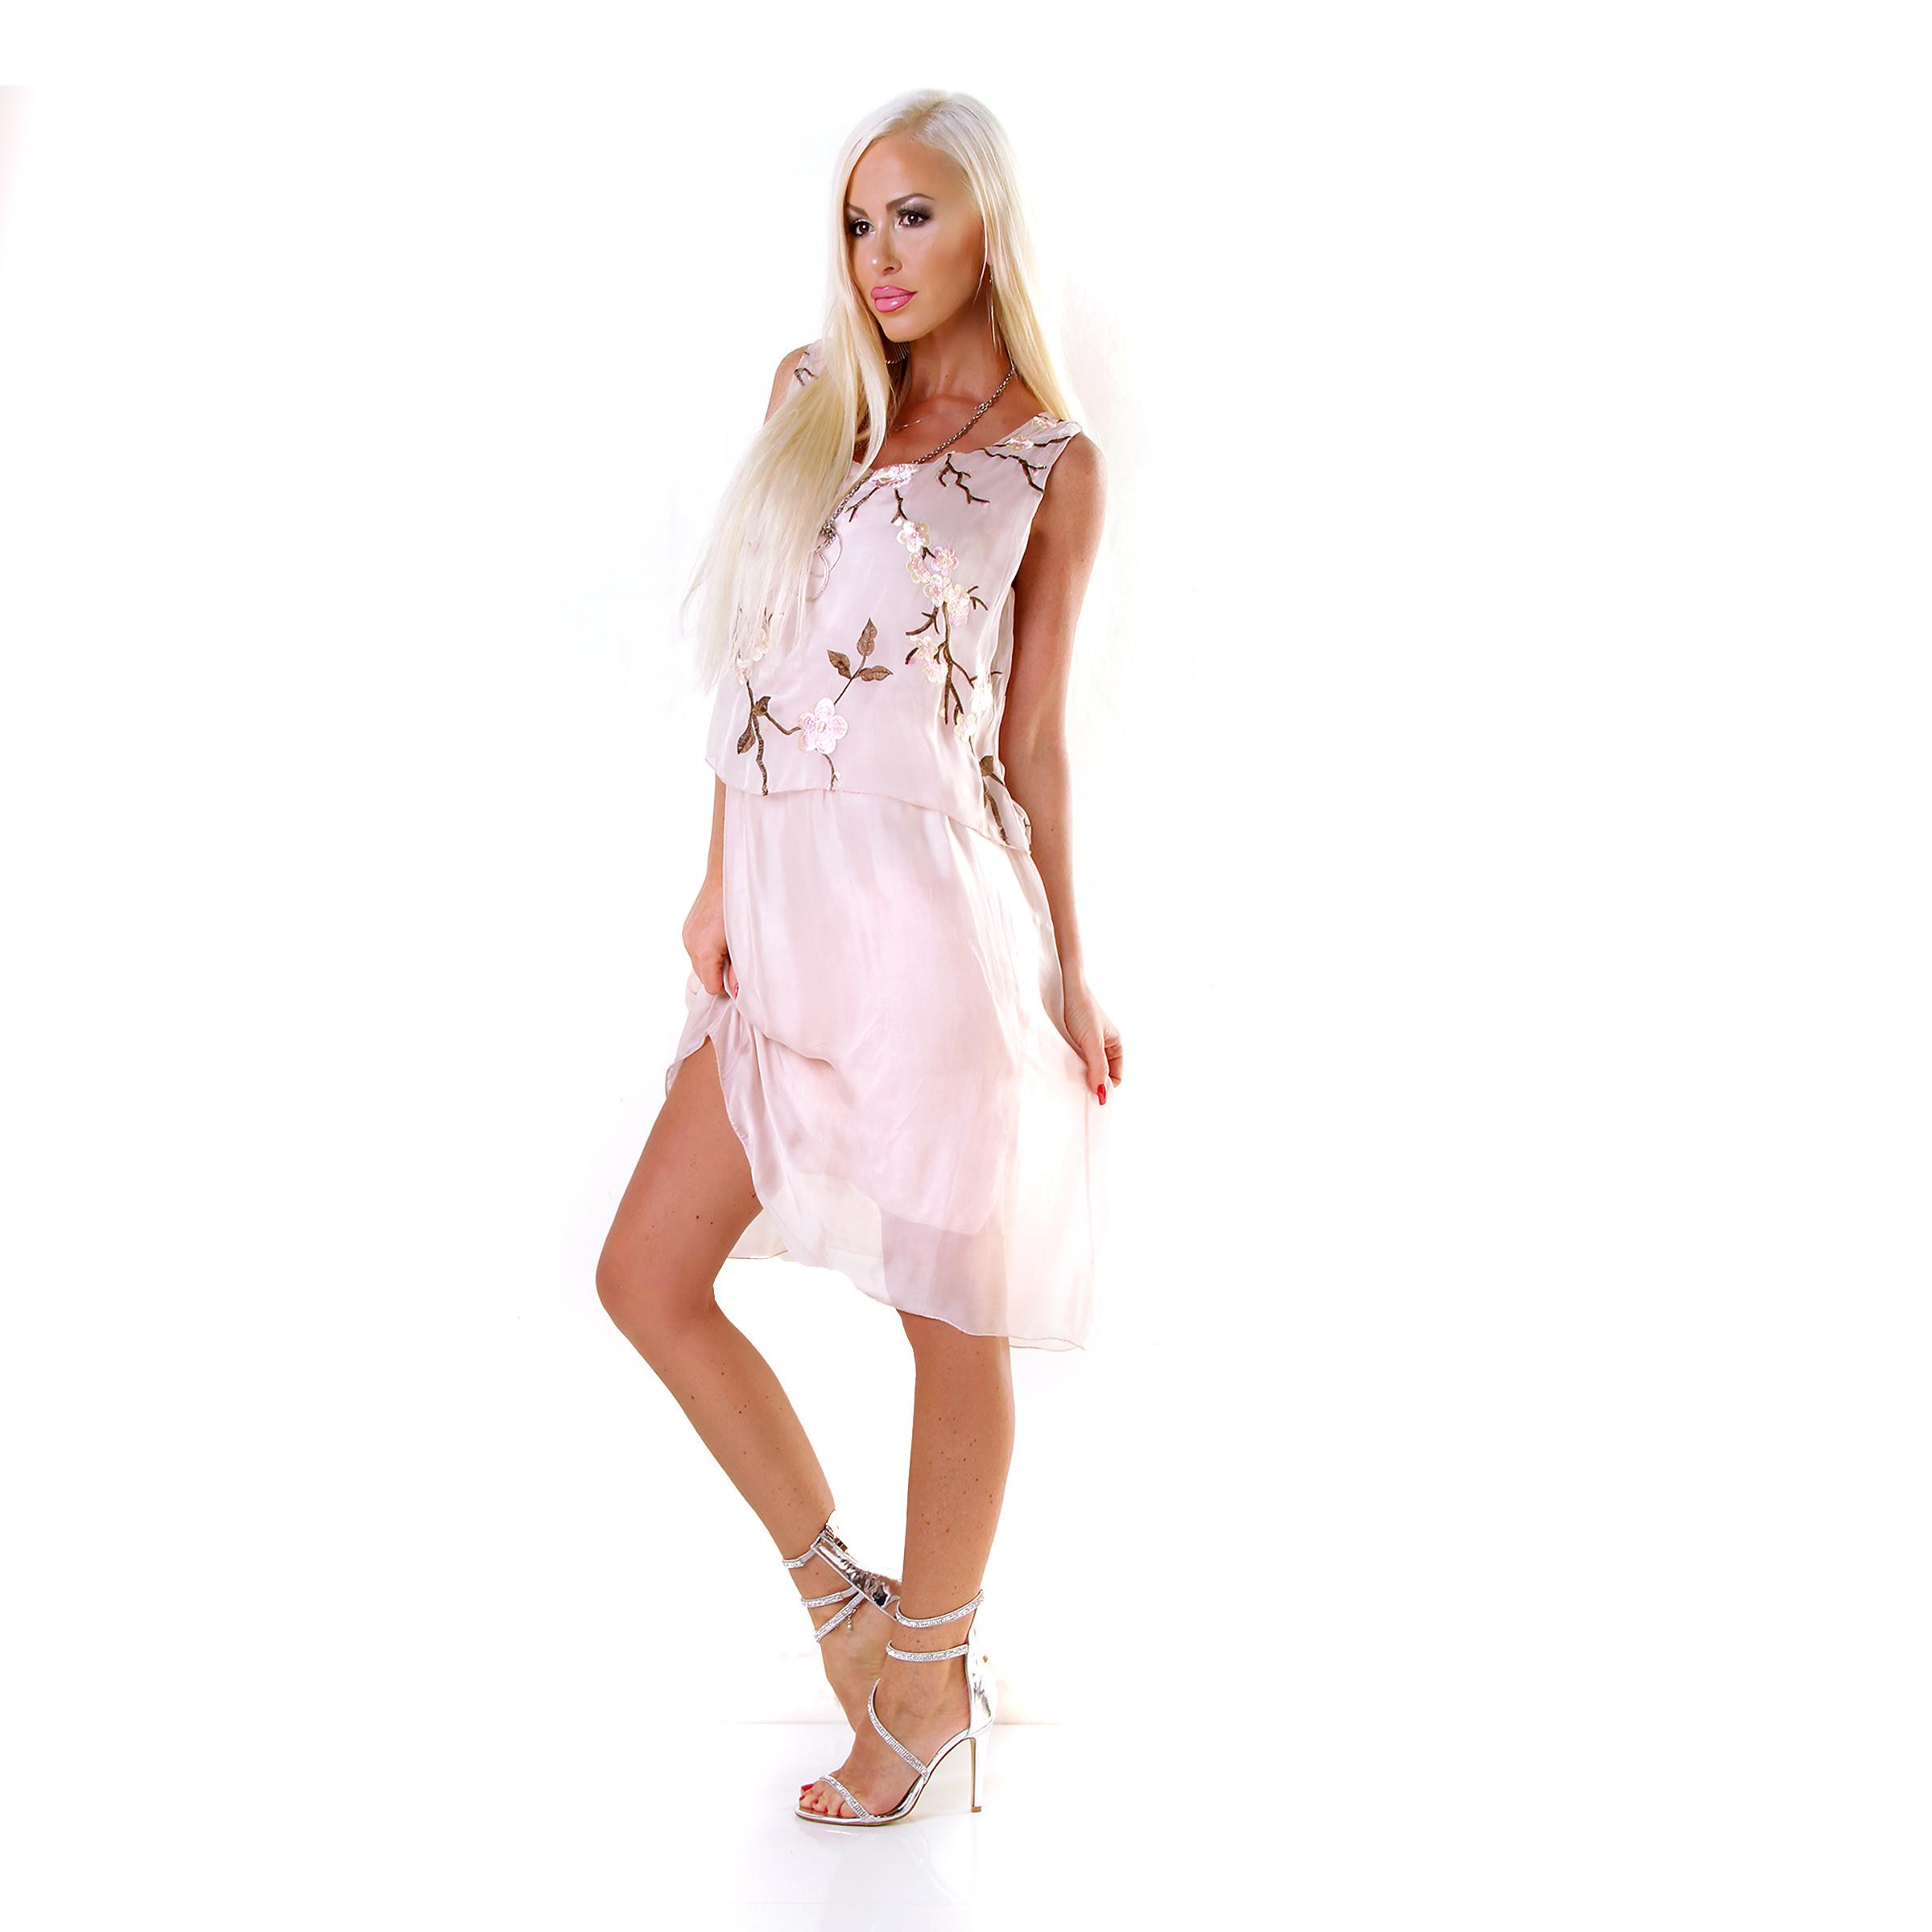 Midikleid Kleid Volant Cocktail Kirschblüte Stickerei